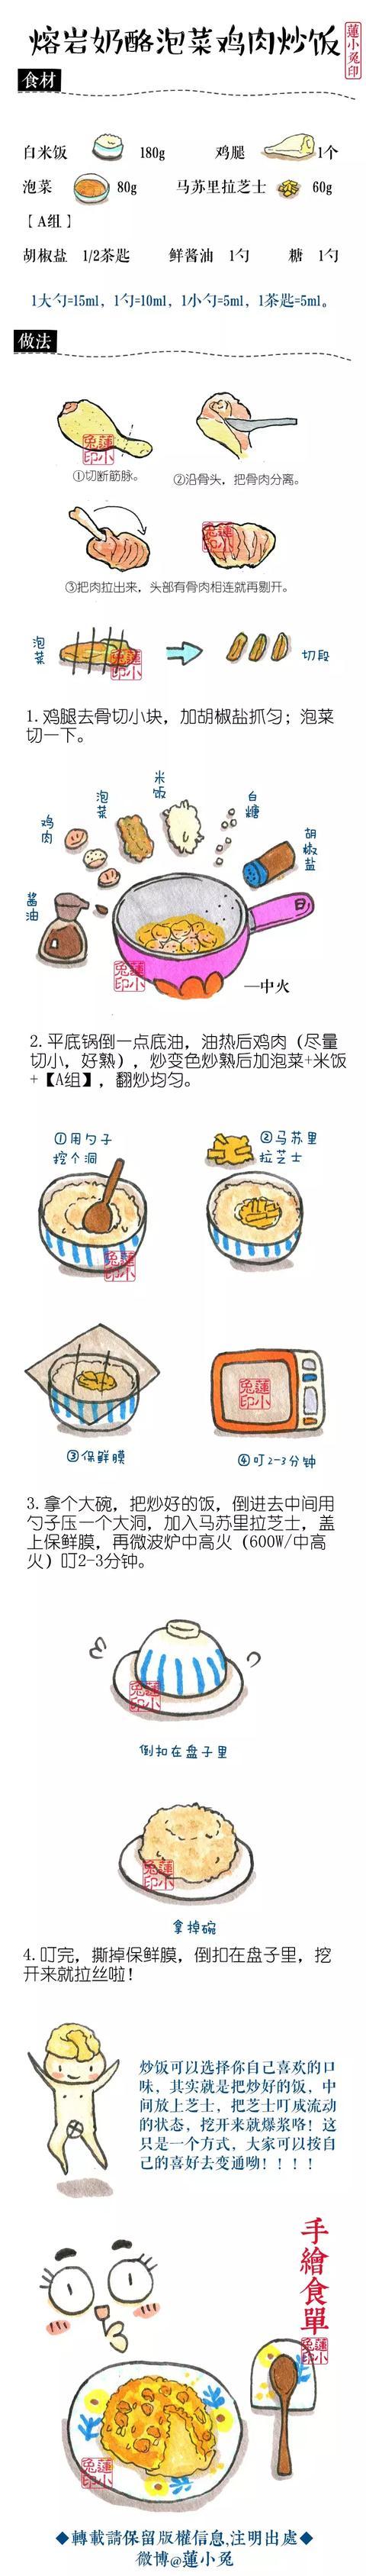 会拉丝の熔岩奶酪泡菜鸡肉炒饭,确定不来一口?